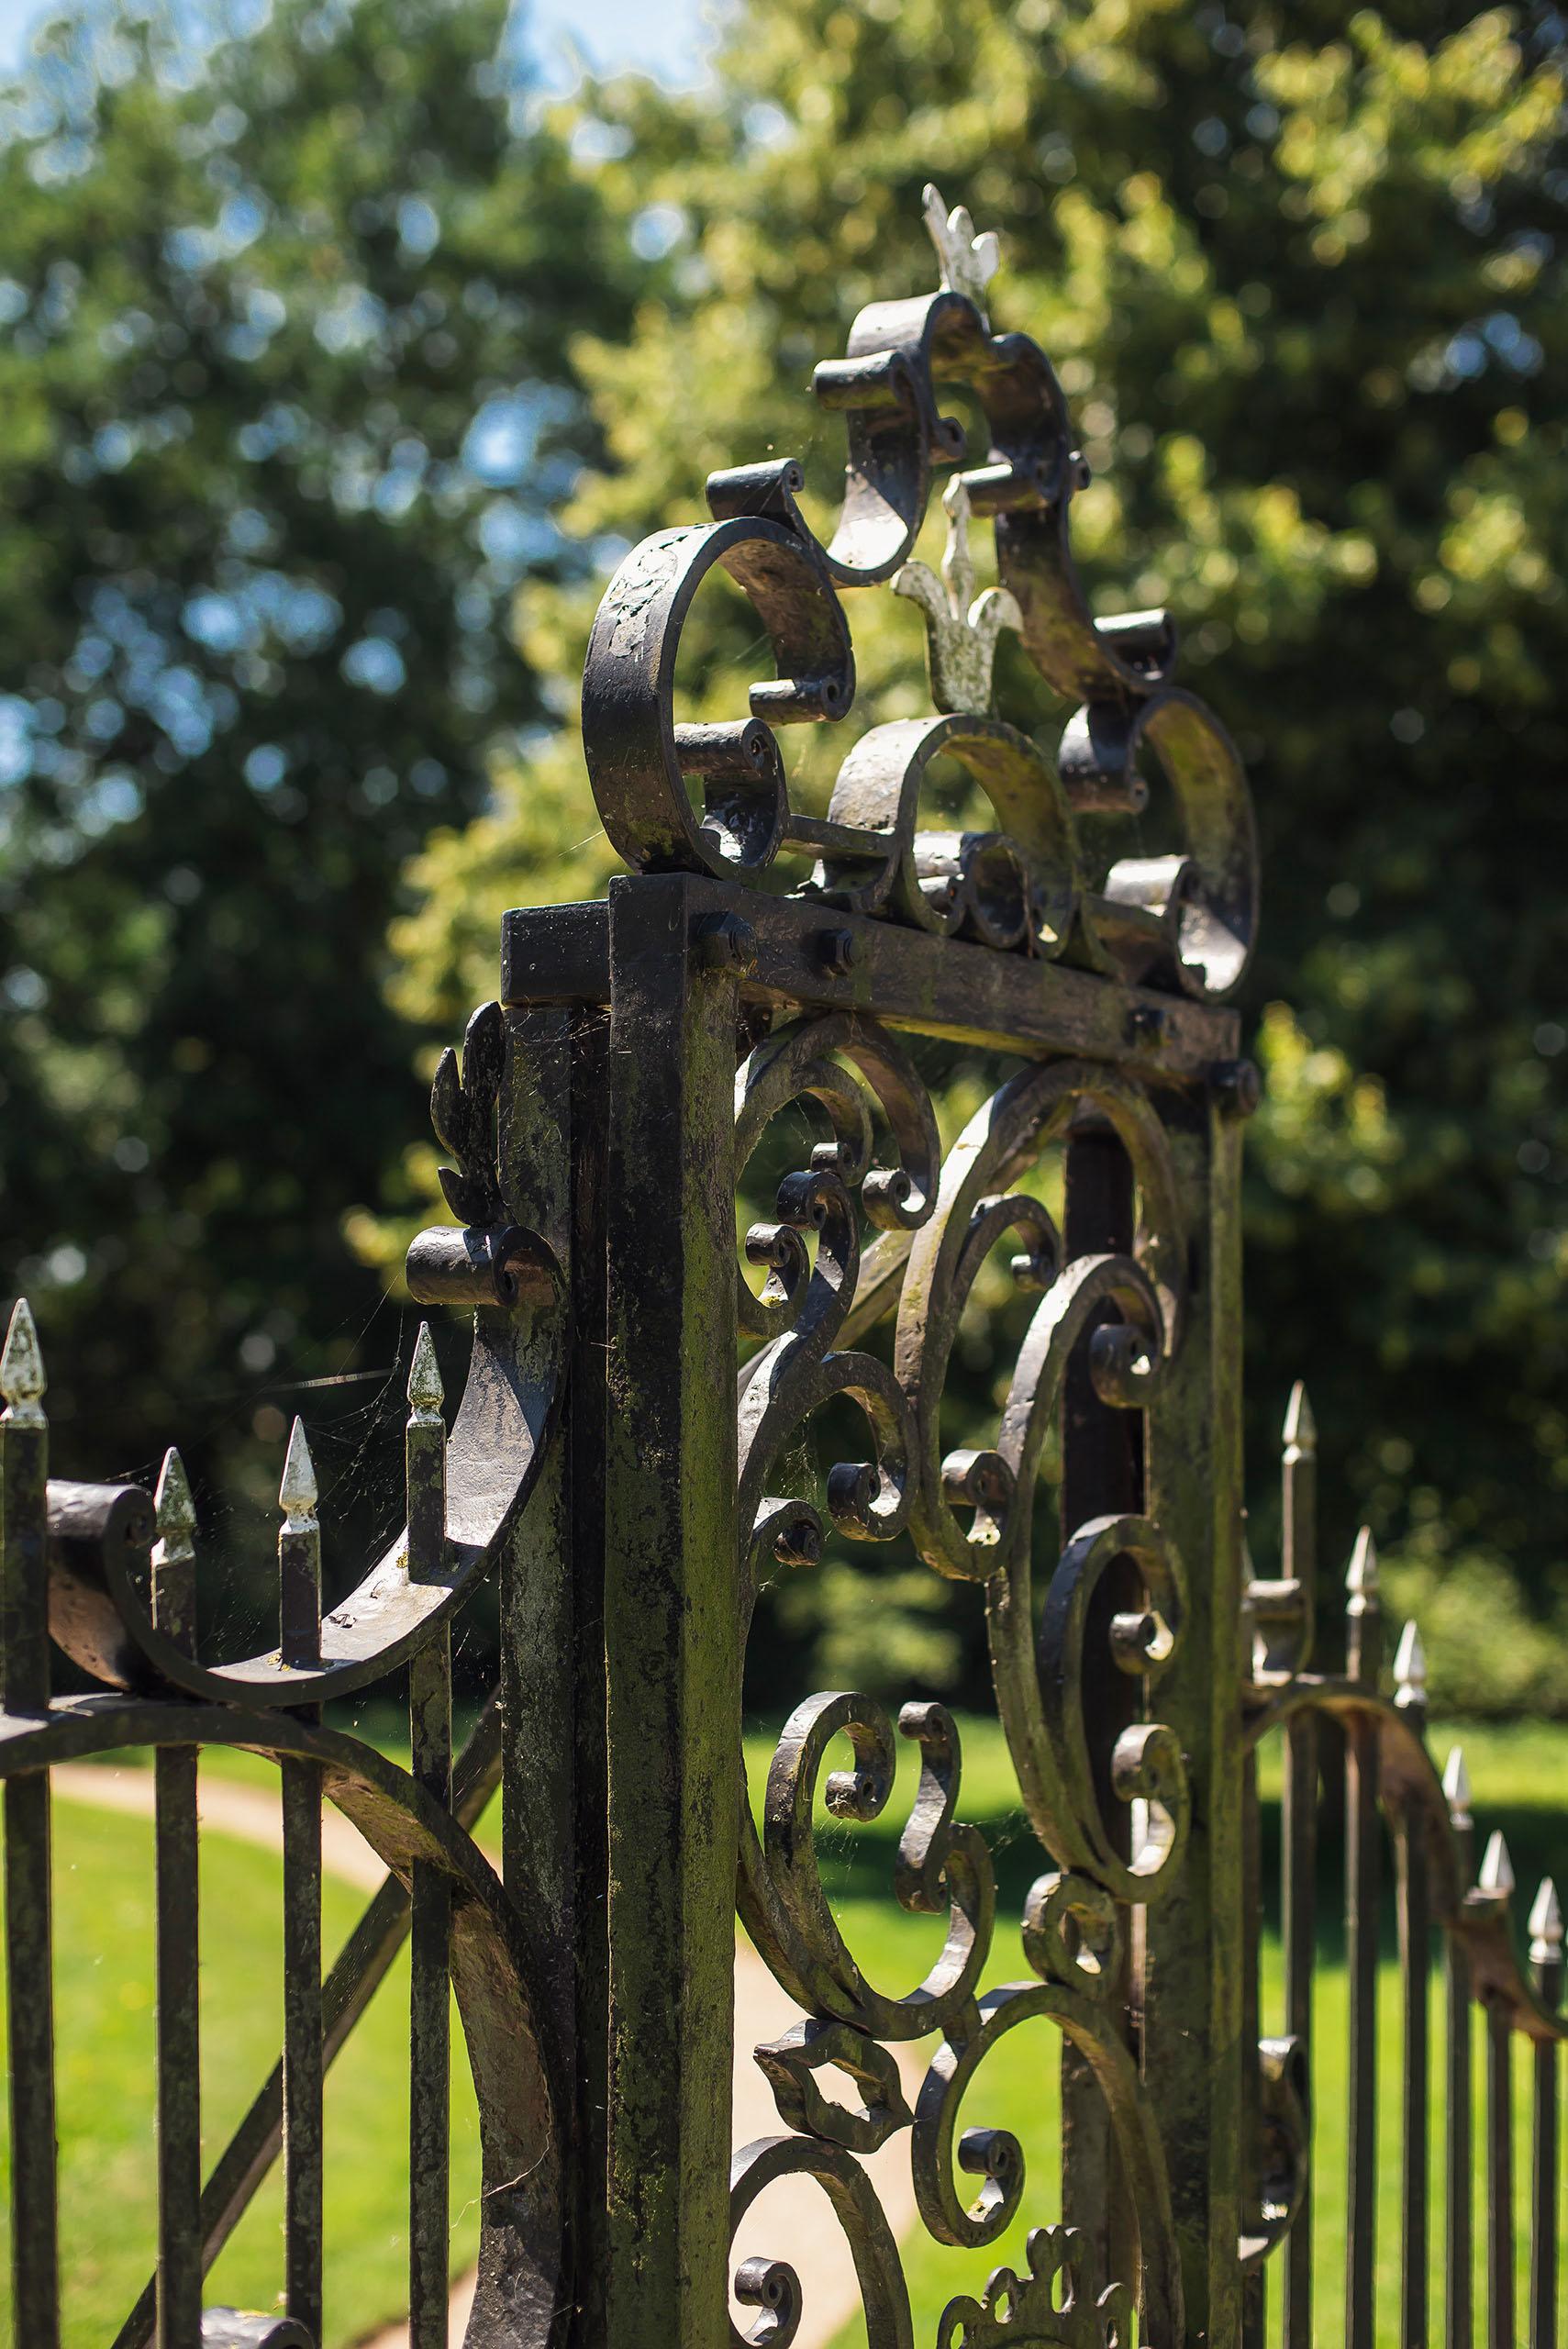 Erfgoedhoveniers Reijm Buitenplaats Bisdom van Vliet parkrestauratie en onderhoud (5)